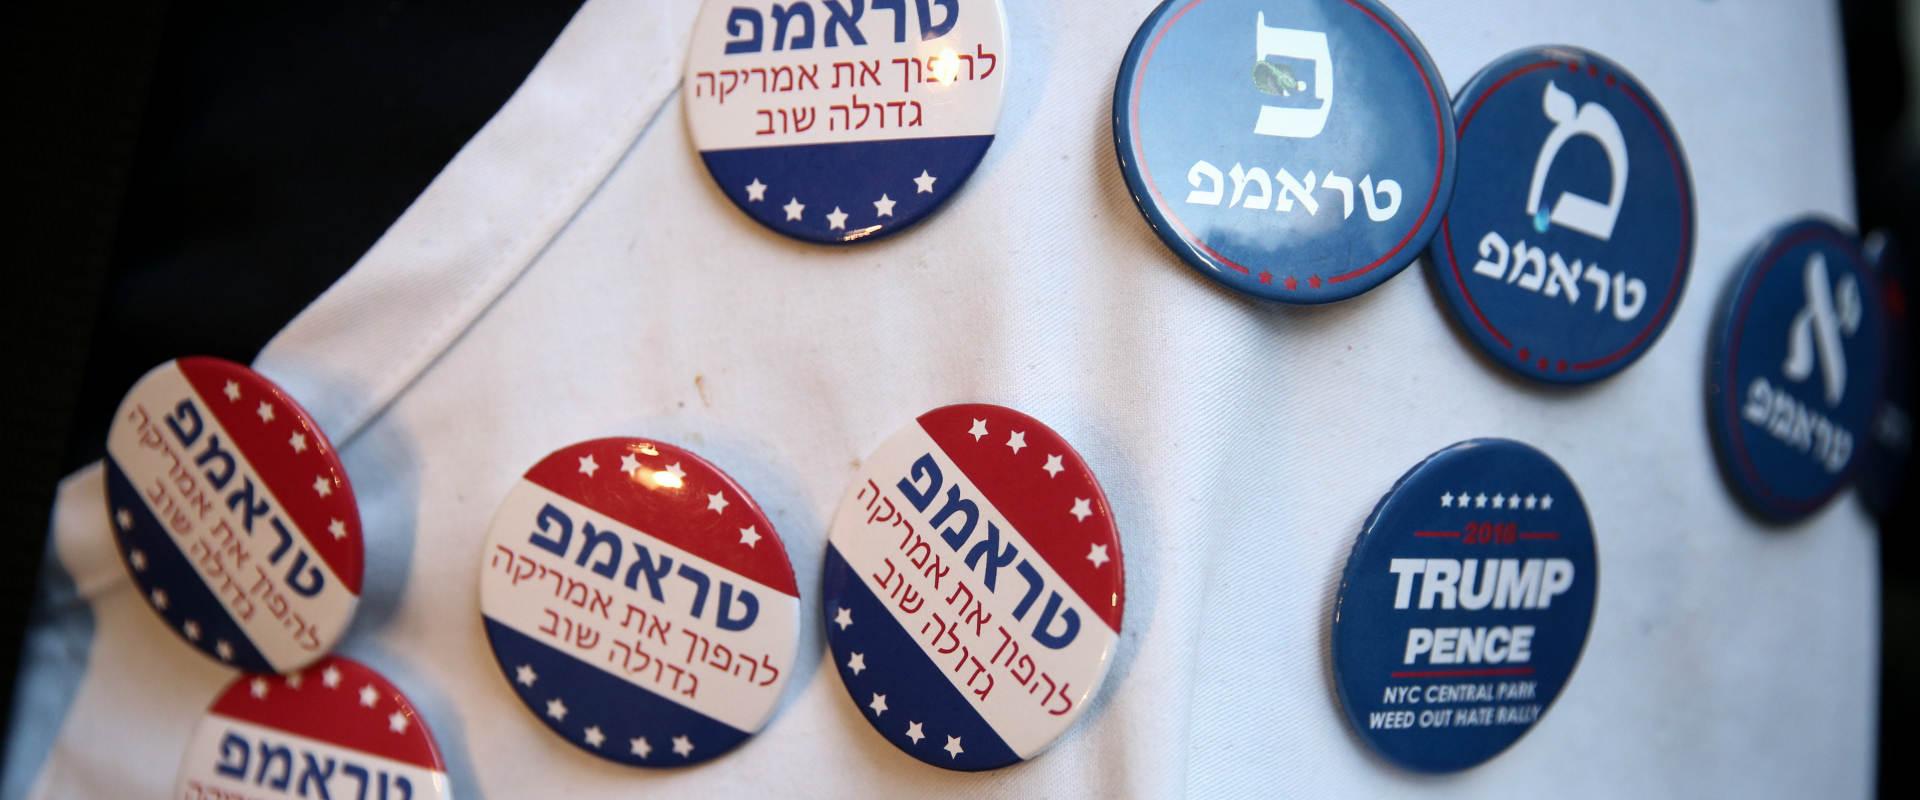 ישראלי אוהד טראמפ בעצרת התמיכה